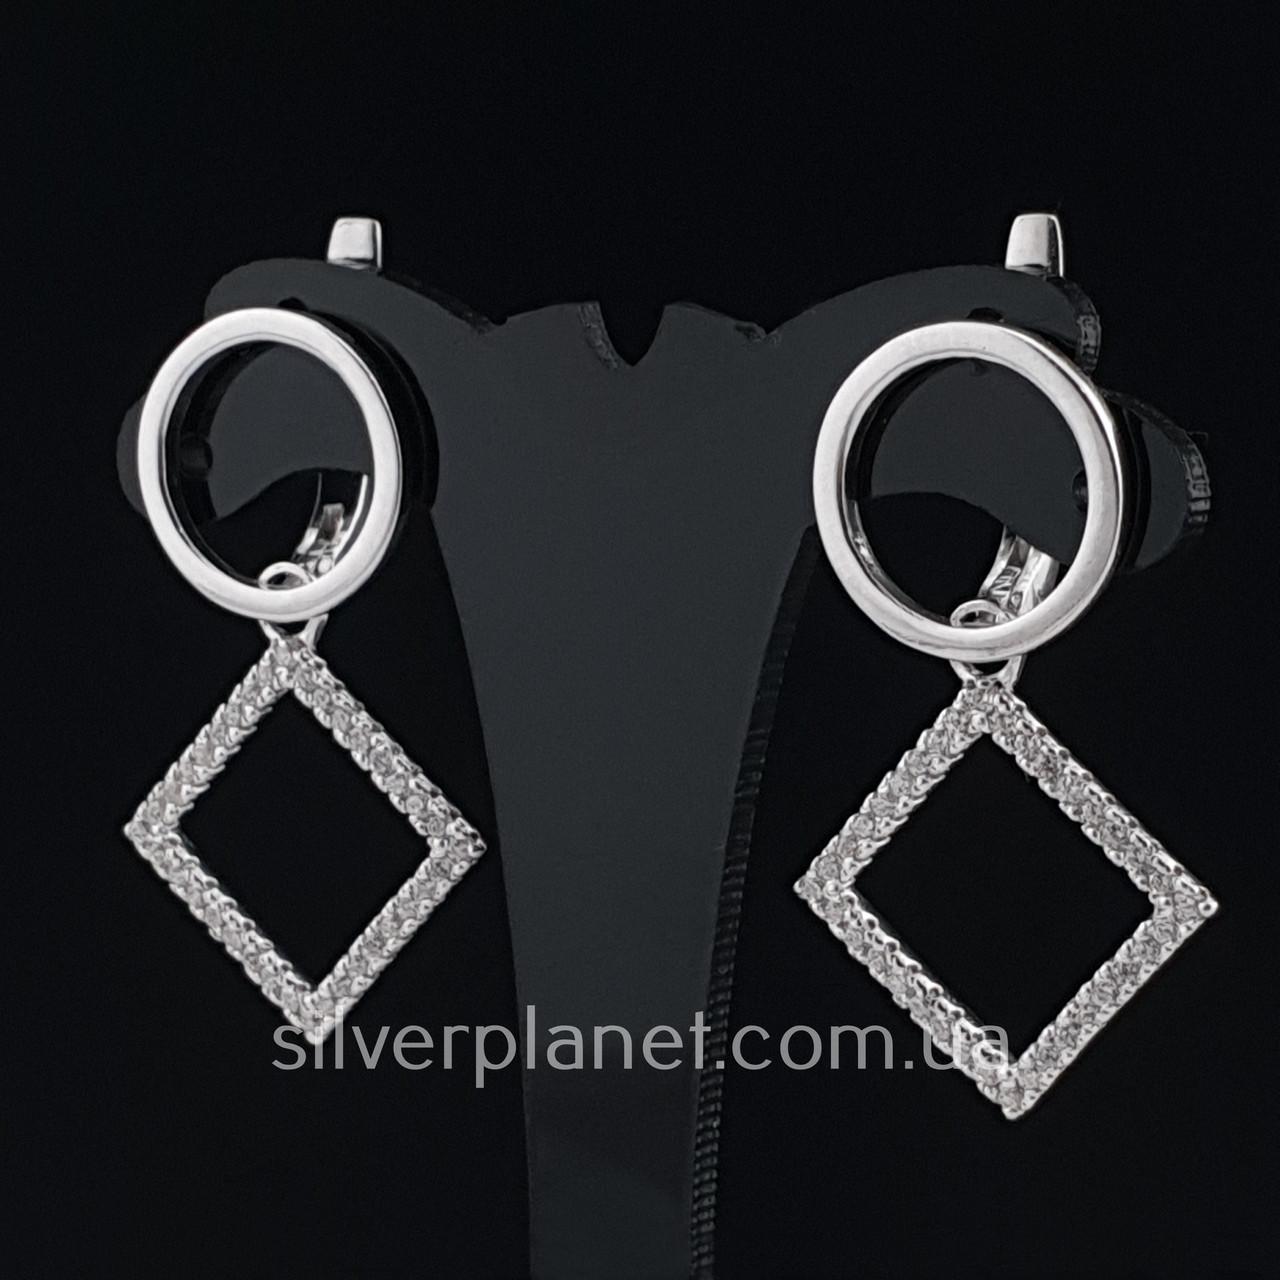 Срібні сережки підвіски висячі з камінням (фіанітами). Сережки геометрія срібло 925 - покриття родій.